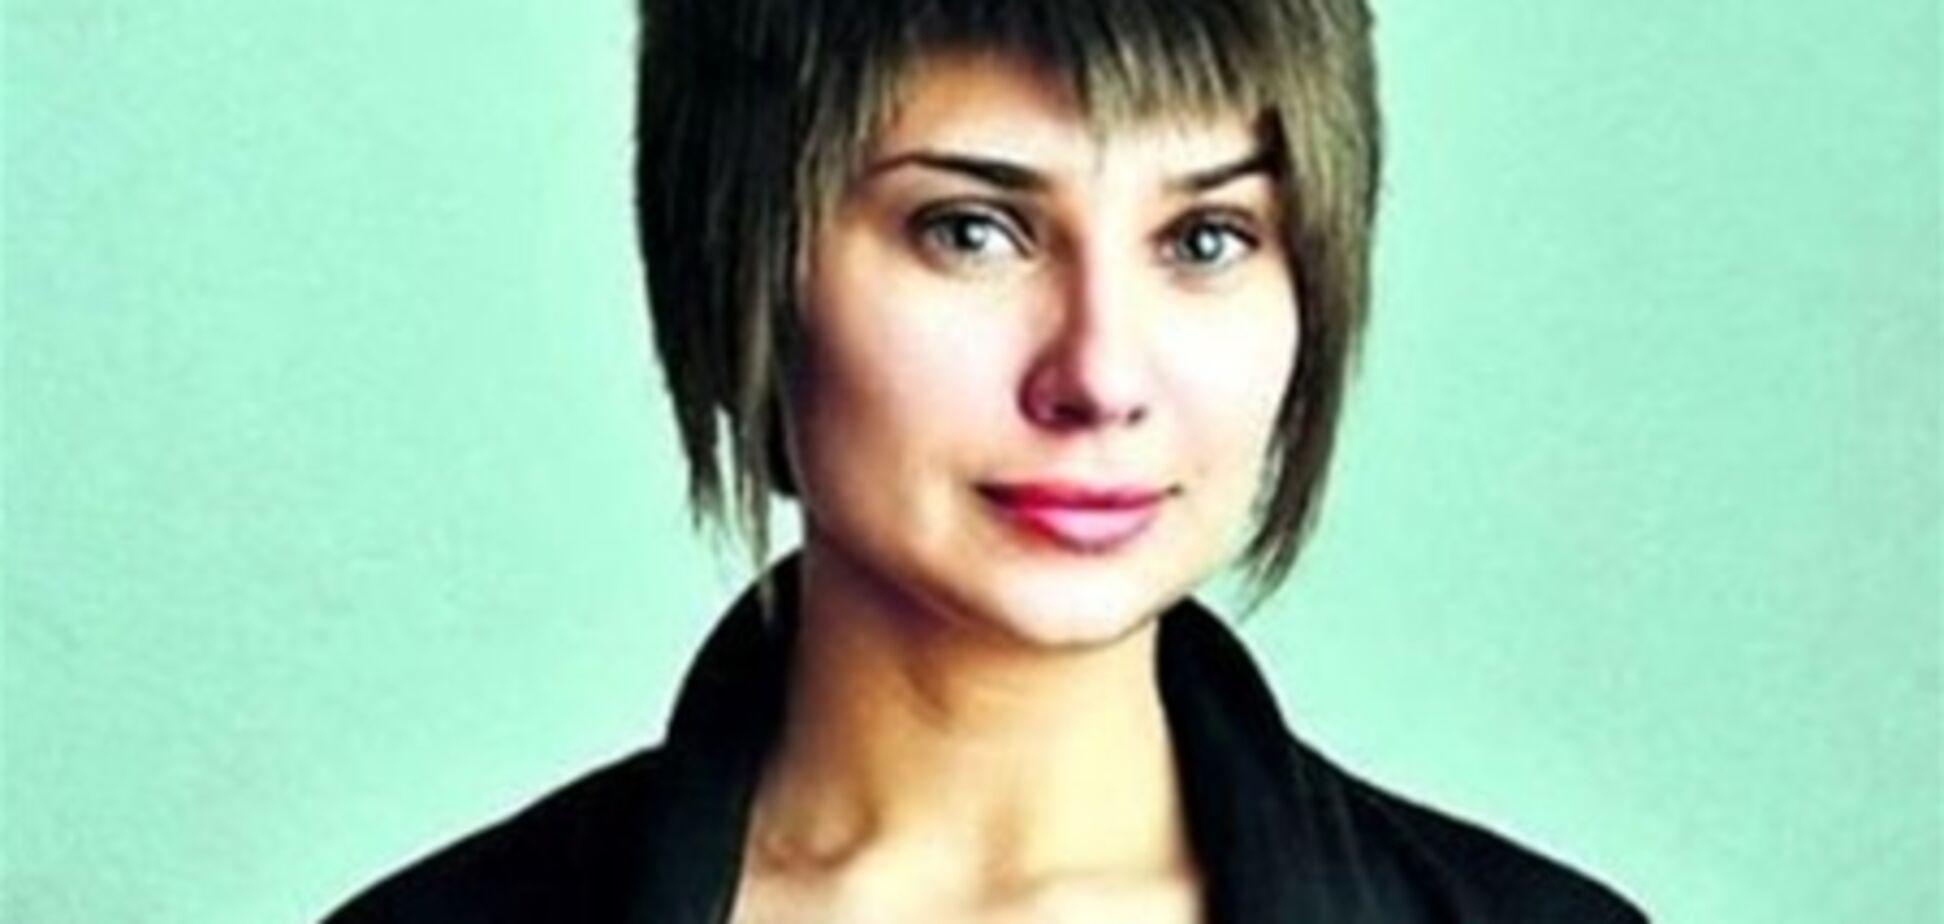 Студентка, пропавшая 4 месяца назад в Крыму, найдена мертвой